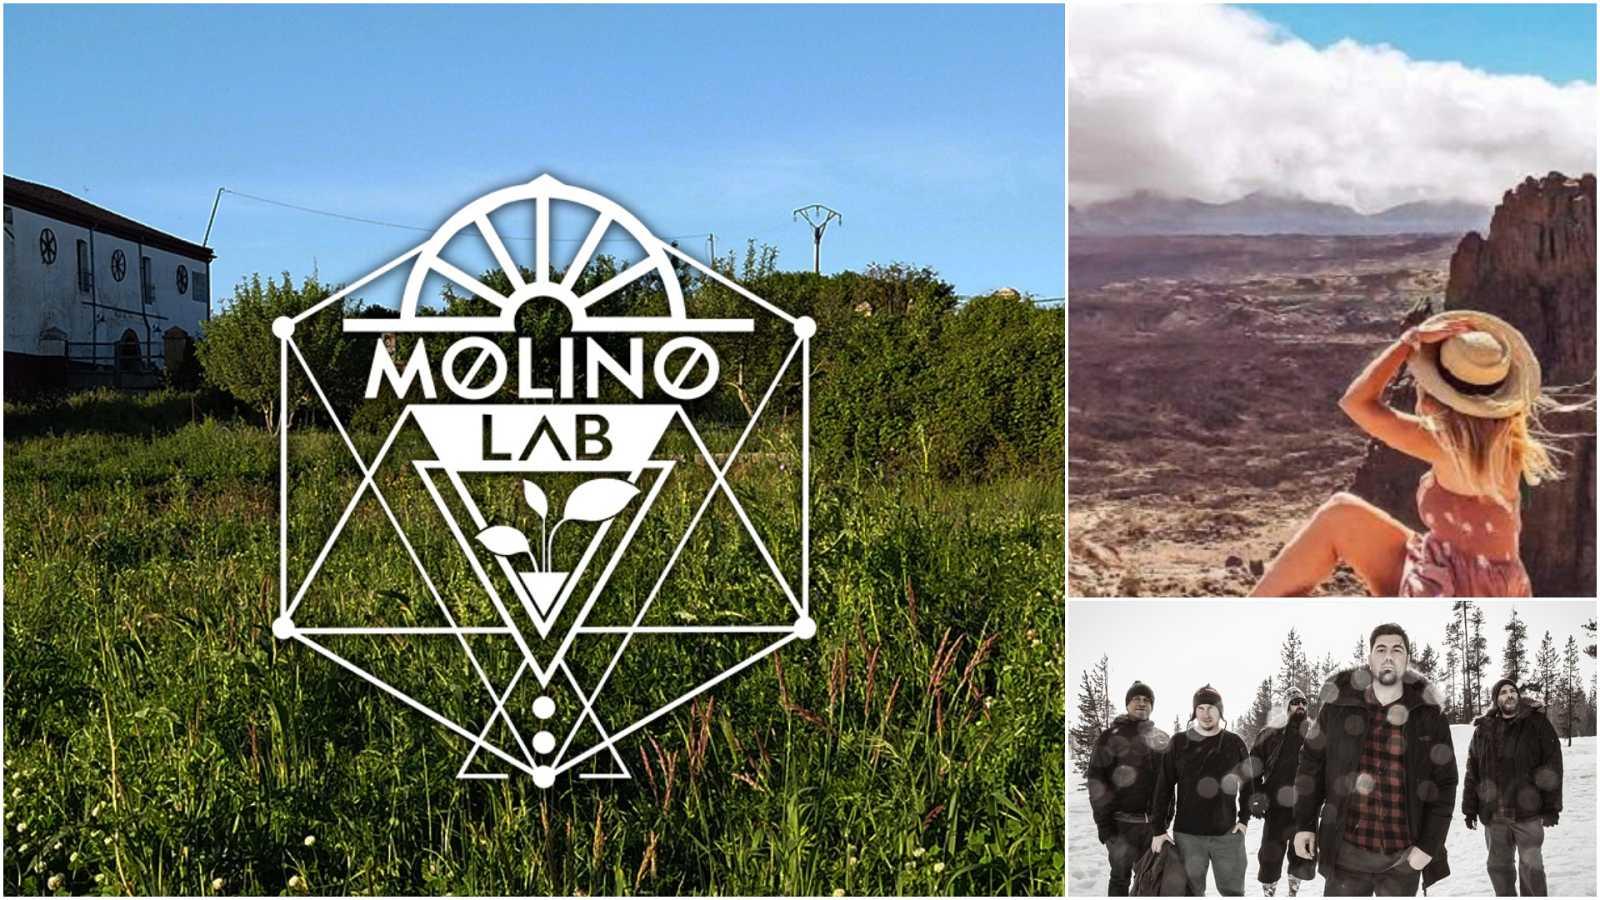 Equilibristas - Viajar en tiempos de pandemia y MolinoLab - 04/10/20 - escuchar ahora